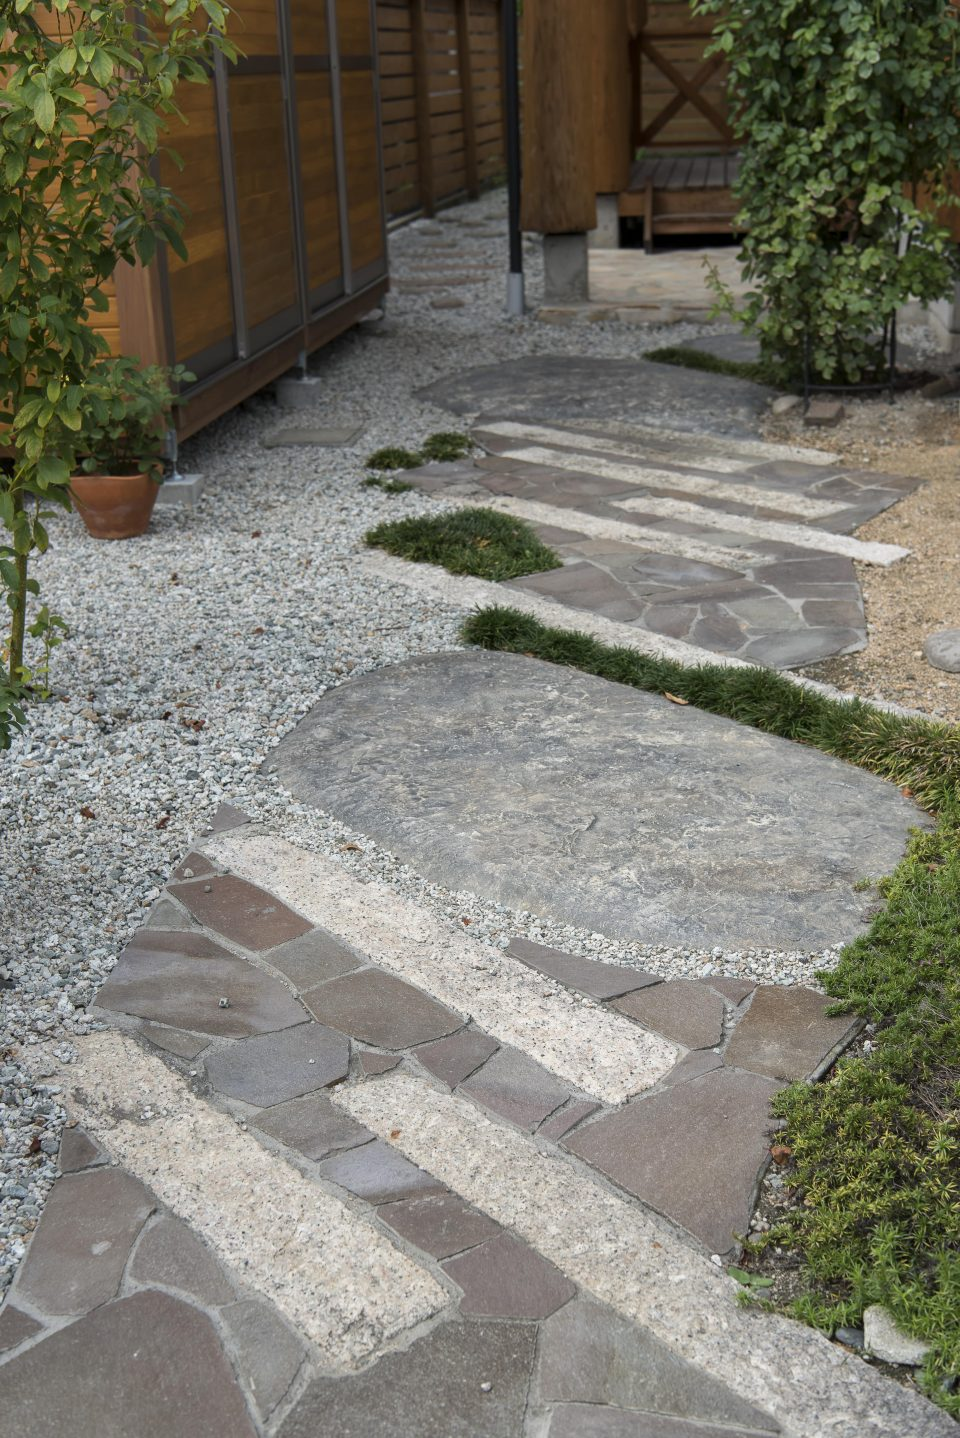 以前の家で使用していた基礎の石